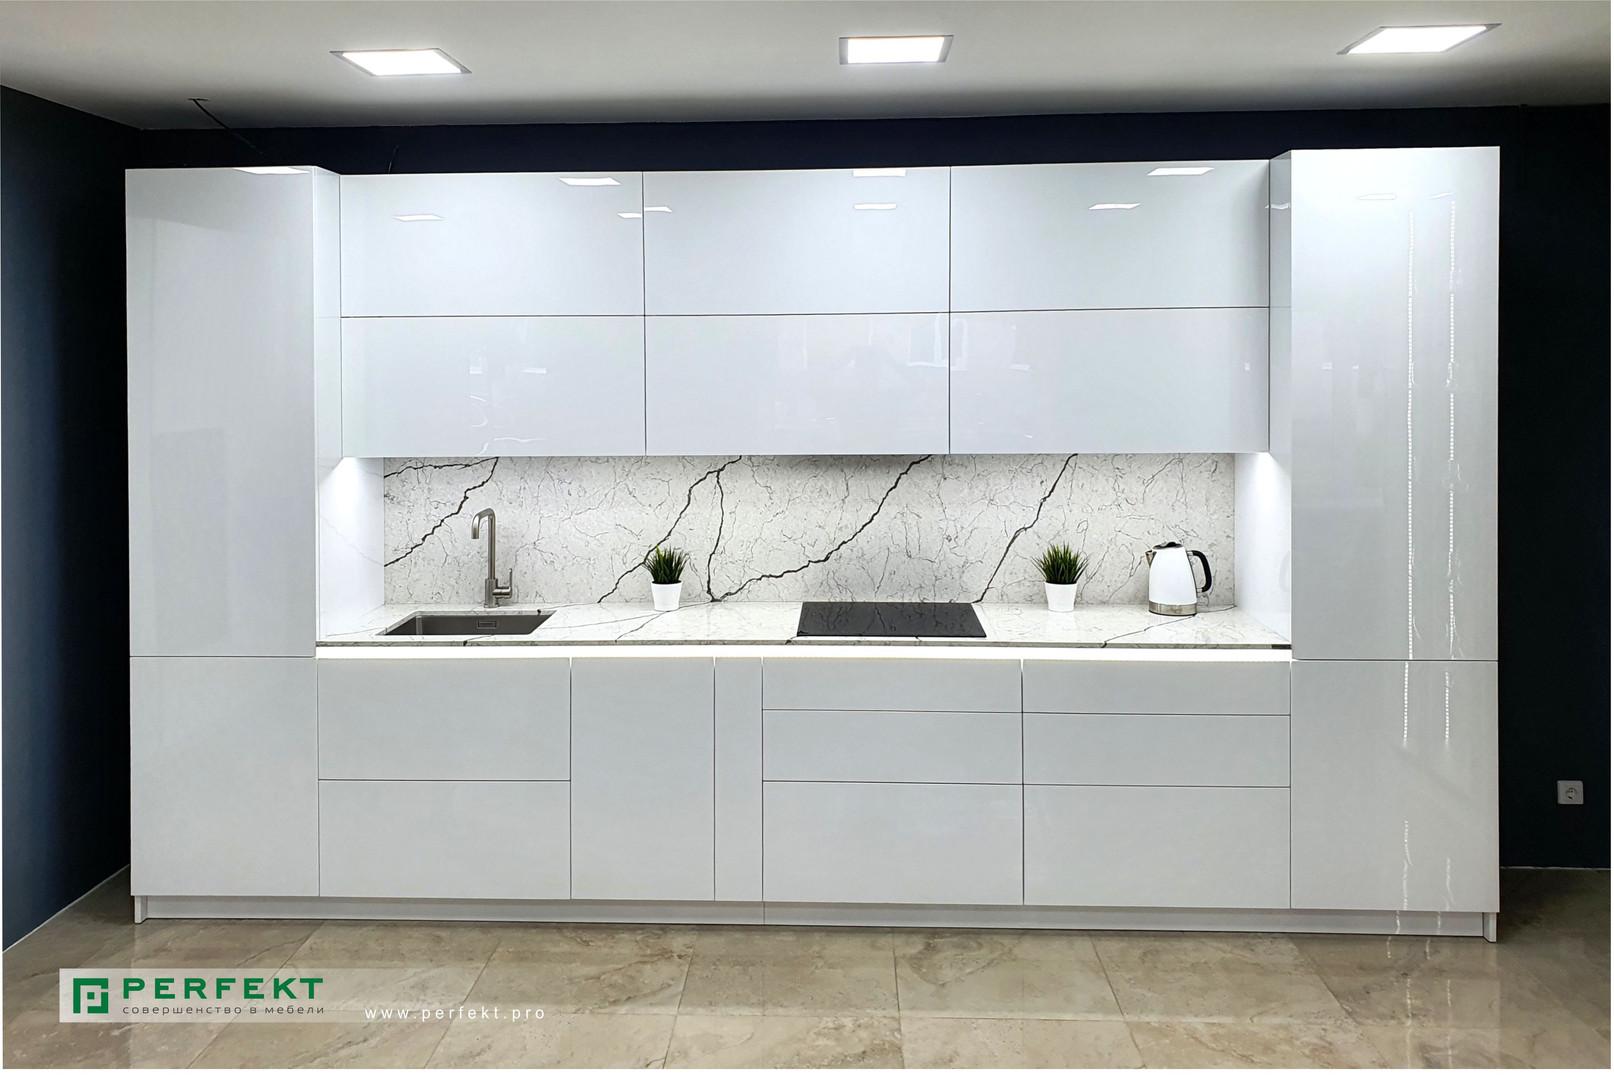 Кухня _ Акрил + Кварц _4,2 м.jpg